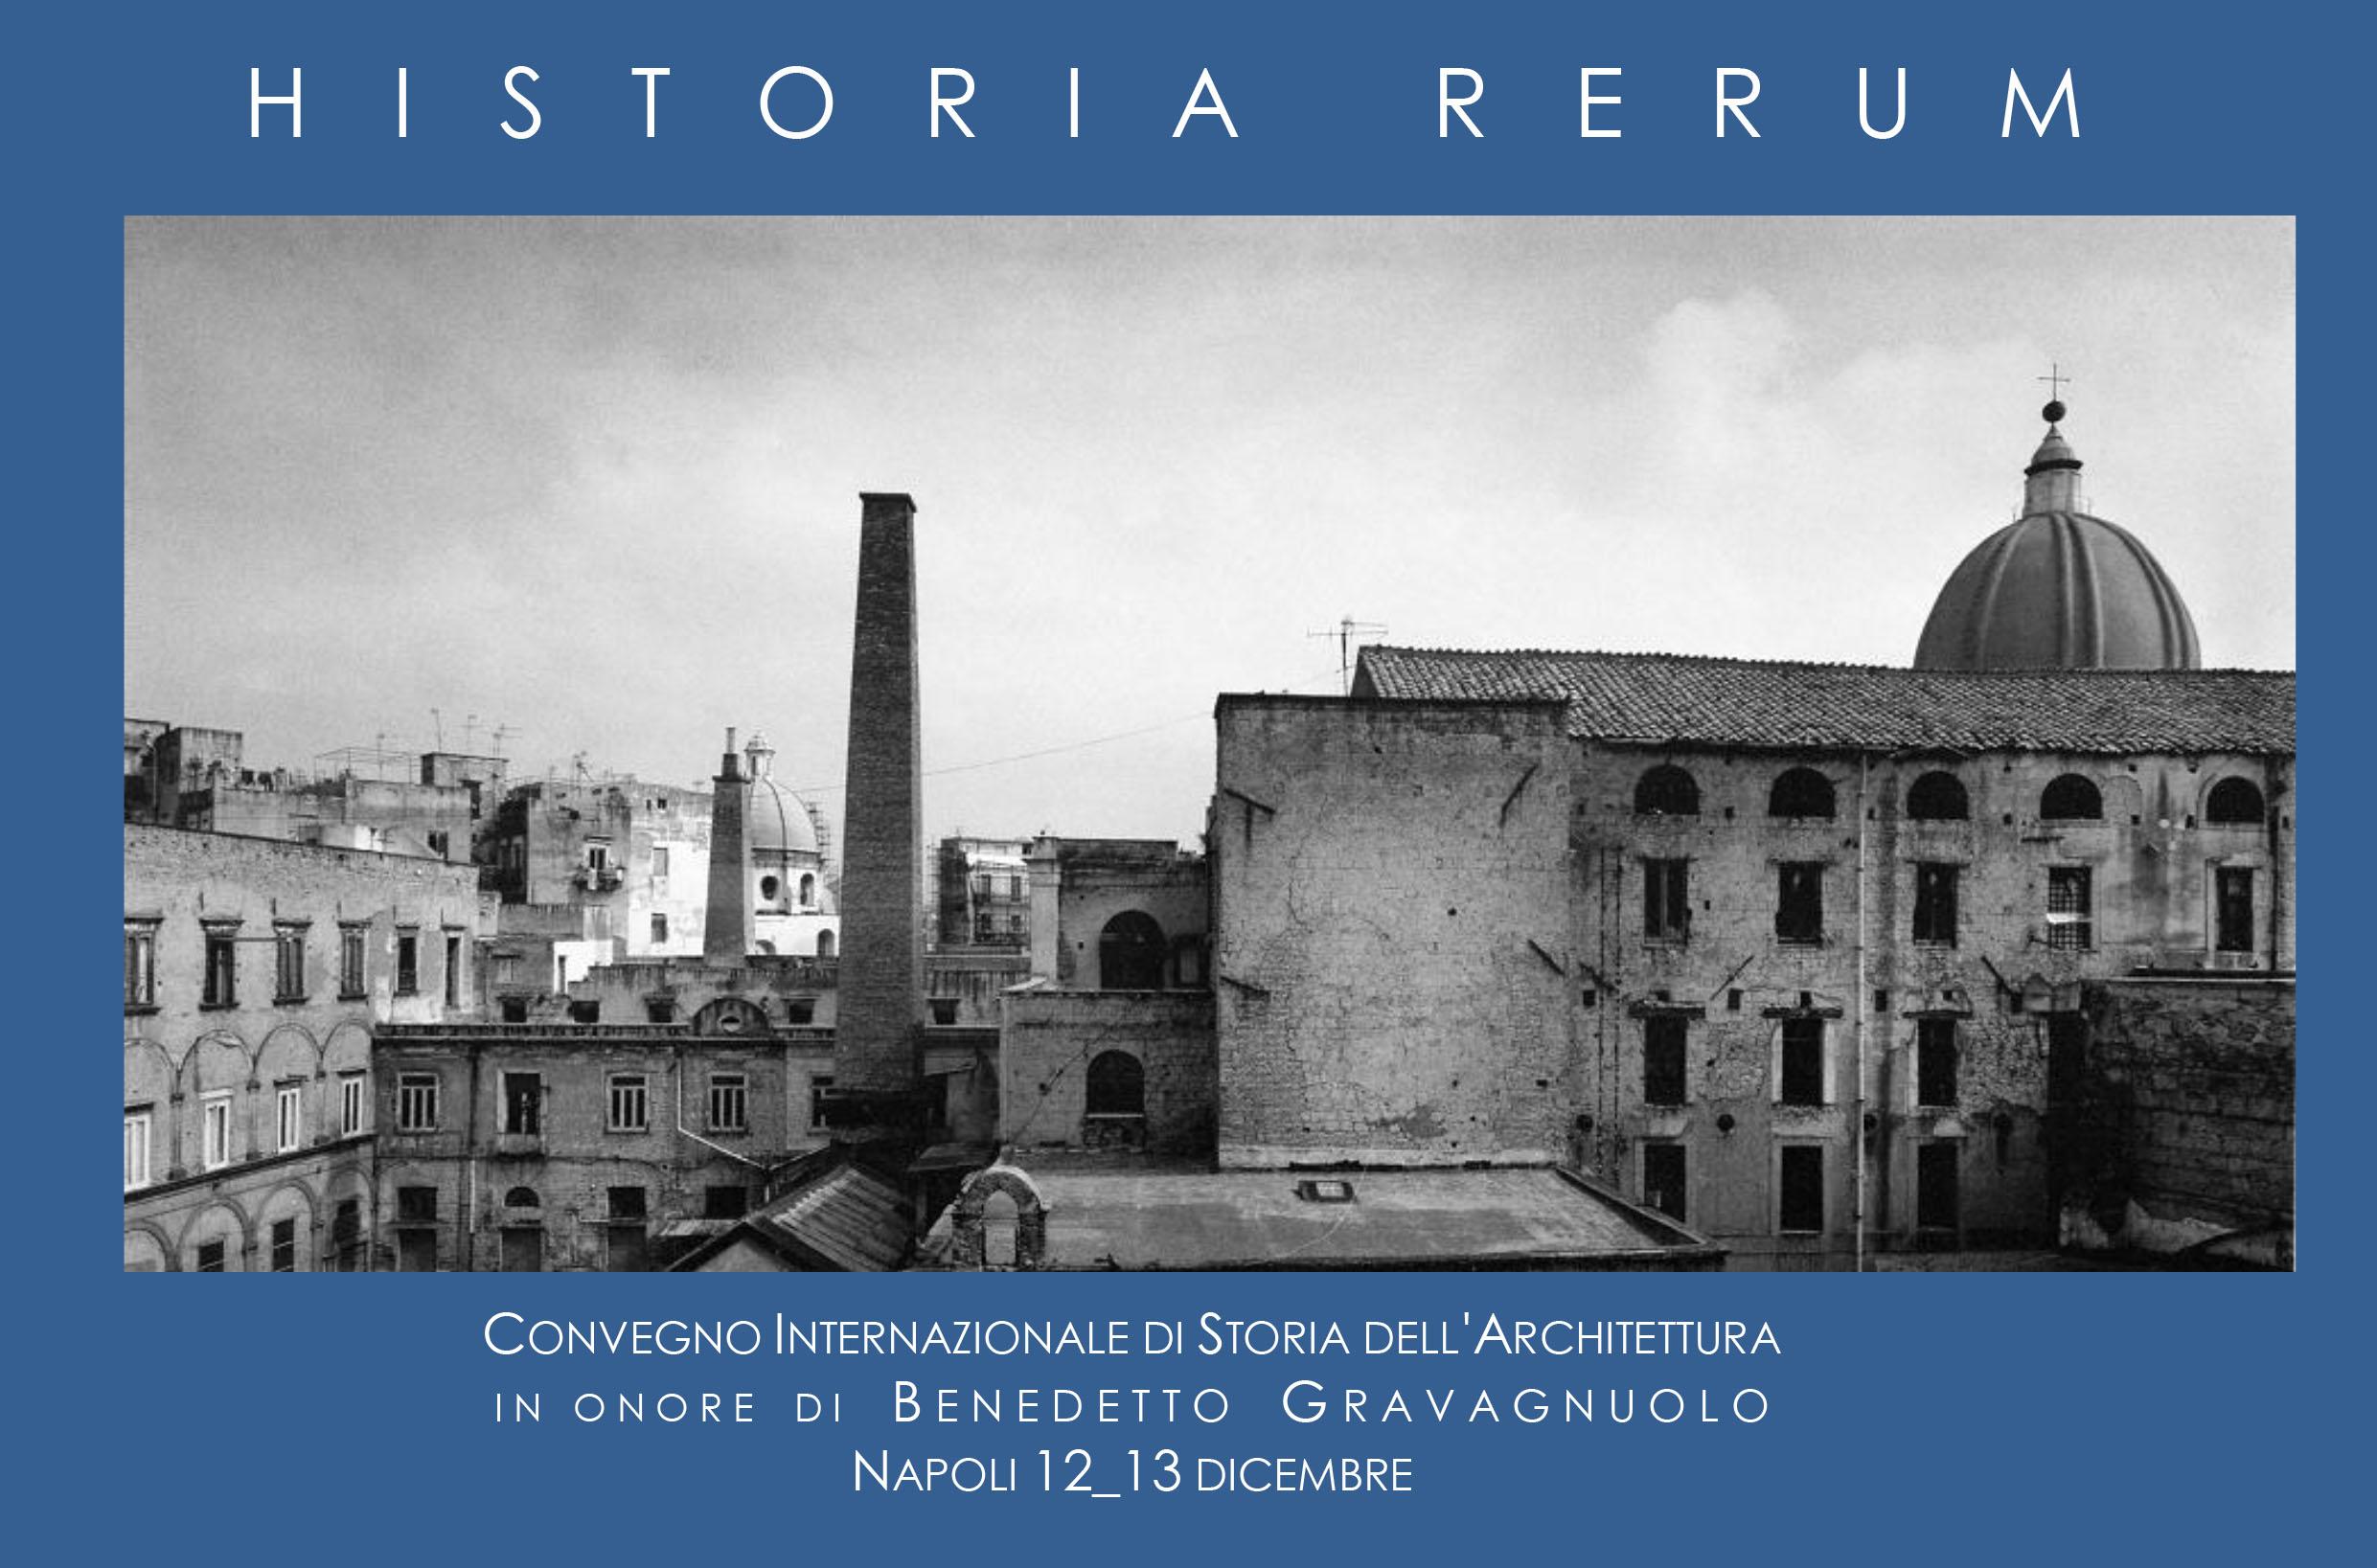 Convegno internazionale di storia dell'architettura